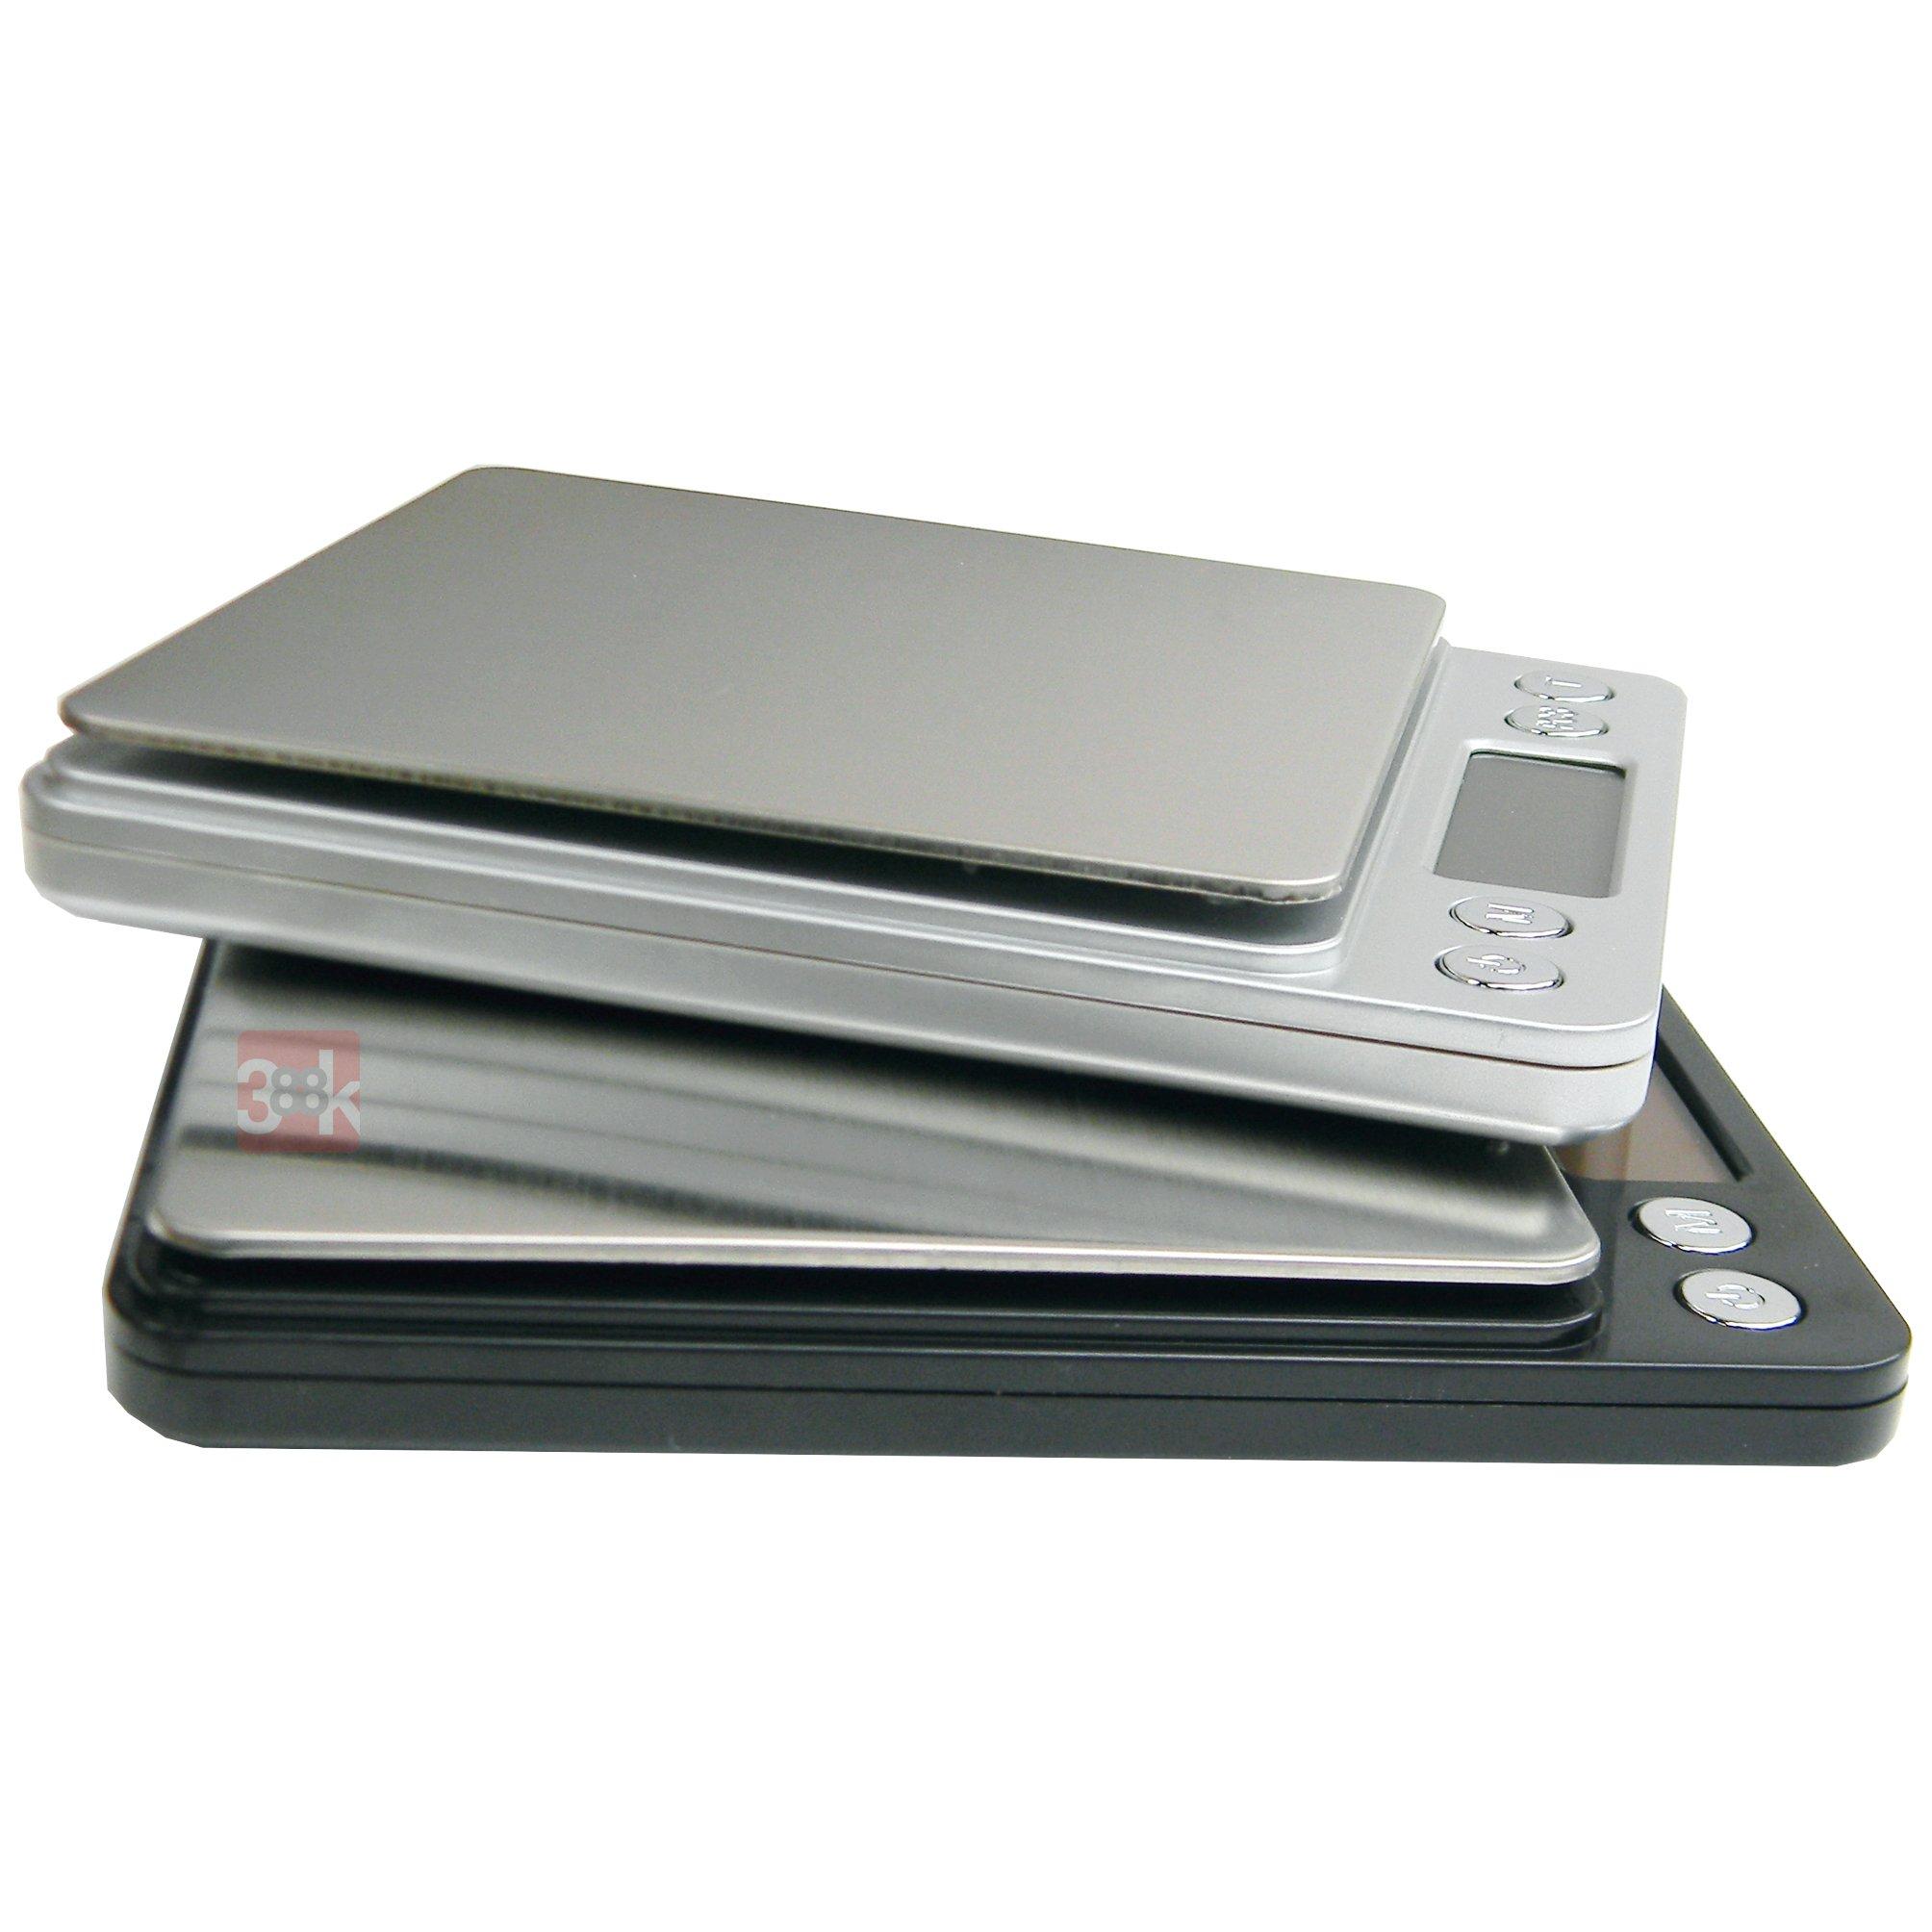 Starke Media avec 2 plateaux de pes/ée Balance de pr/écision Pro 0.01g Max 500g Precison 0.01G // Max 500 Gr Taille XL